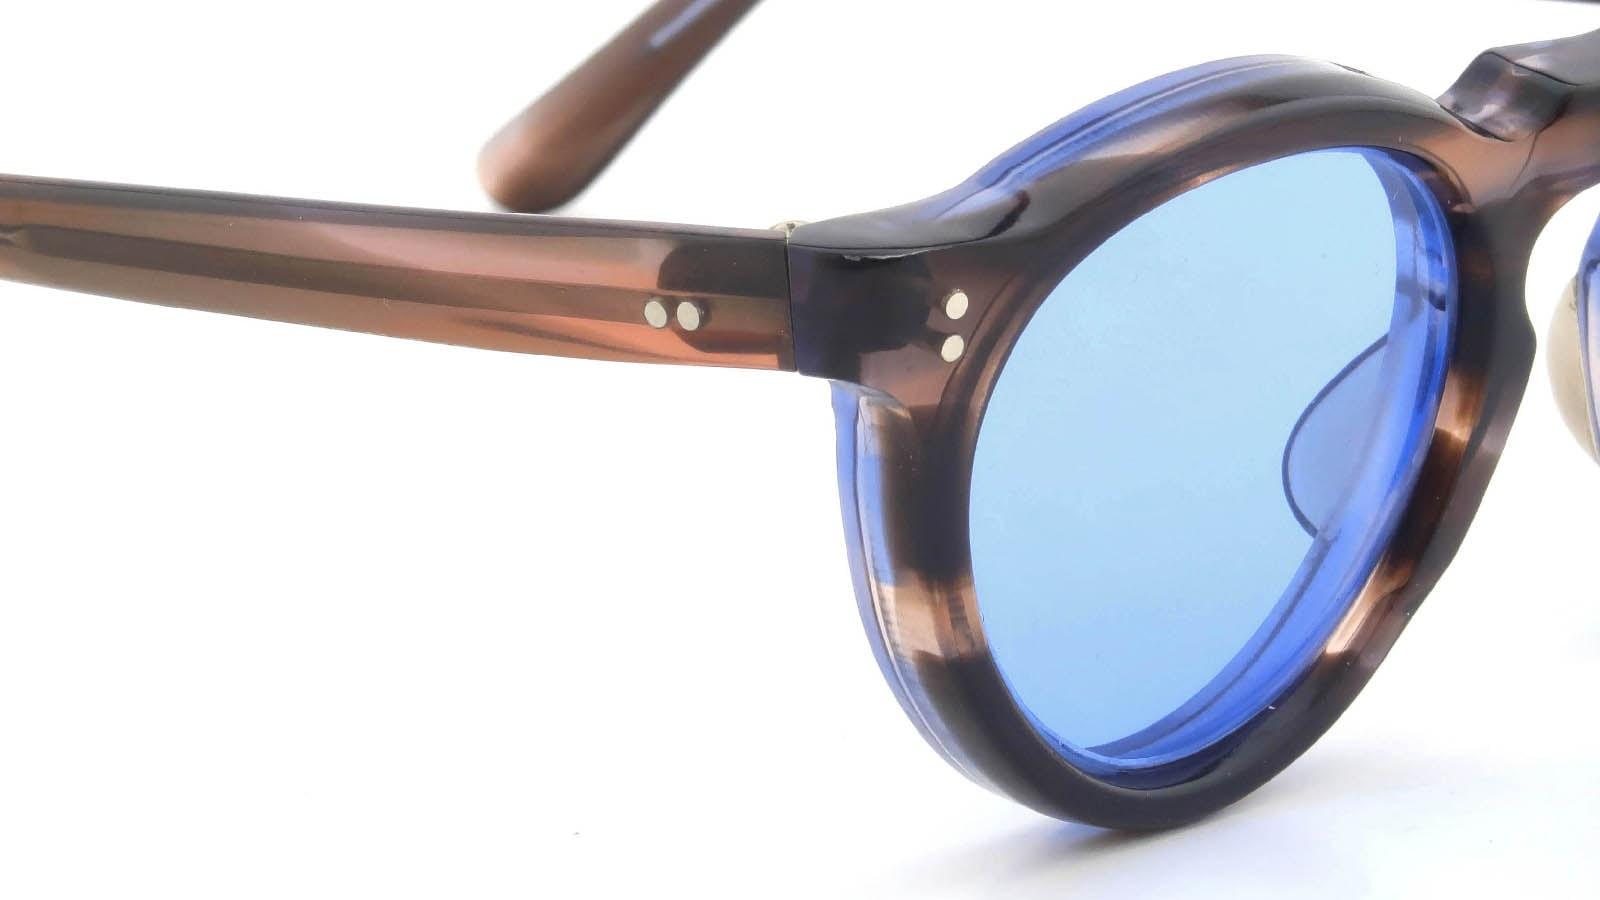 Lesca VINTAGE Panto Ash-Sasa/Blue-Sasa 8mm (v3) 5